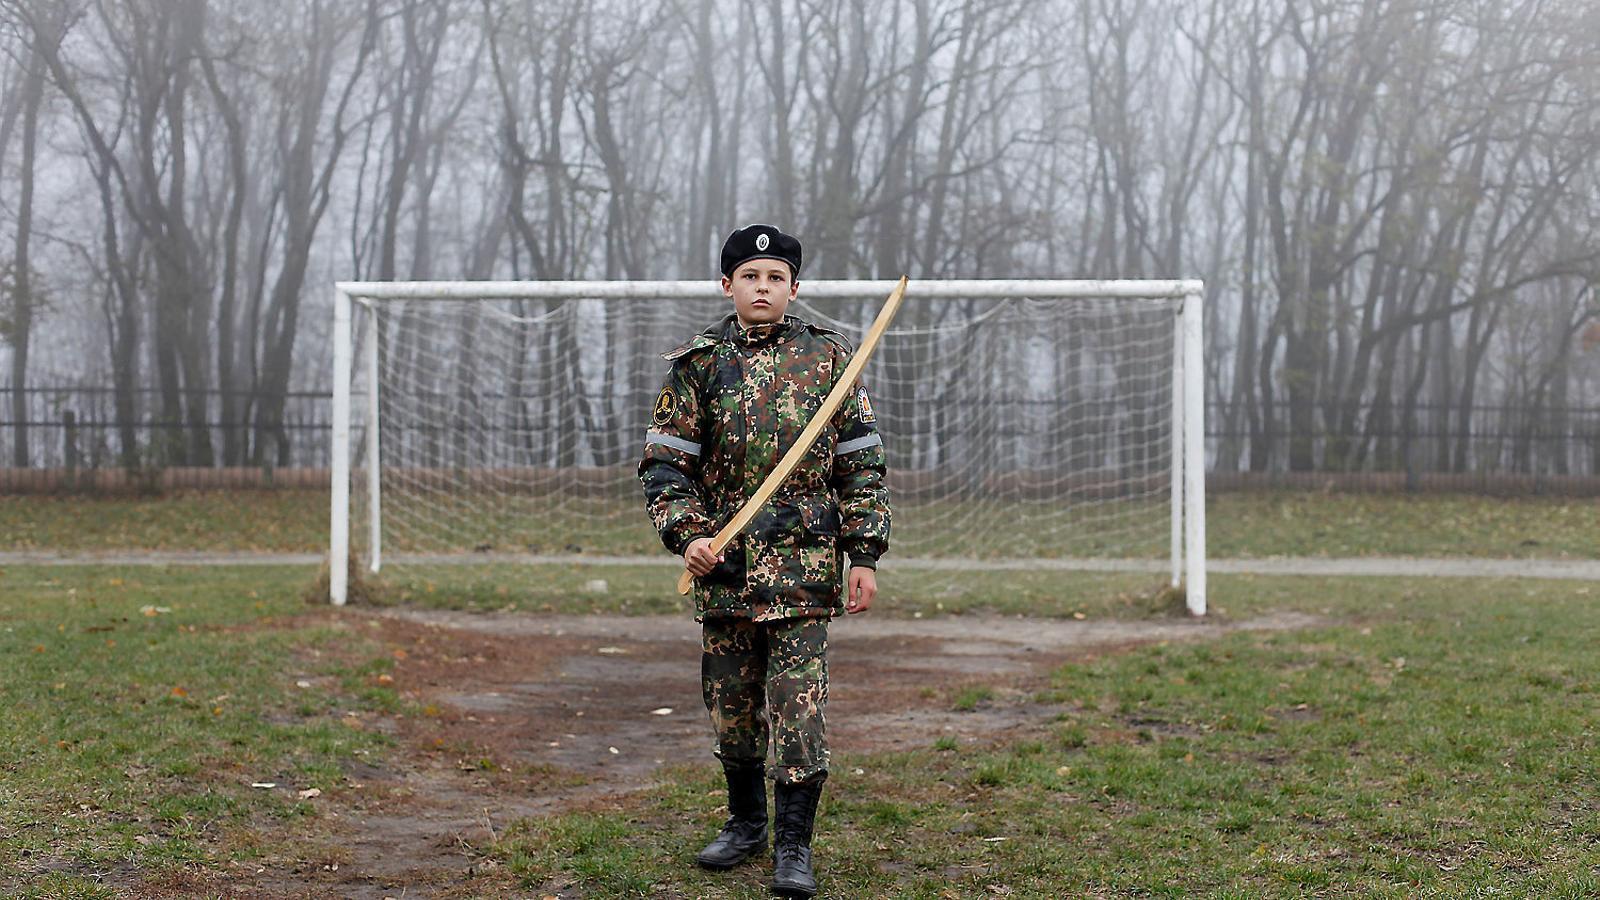 Un cadet sosté un model d'espasa davant d'una porteria de futbol mentre efectua els seus exercicis militars a l'estadi de l'Escola General del Cadet de Ièrmolov, a Stàvropol, Rússia, el novembre passat